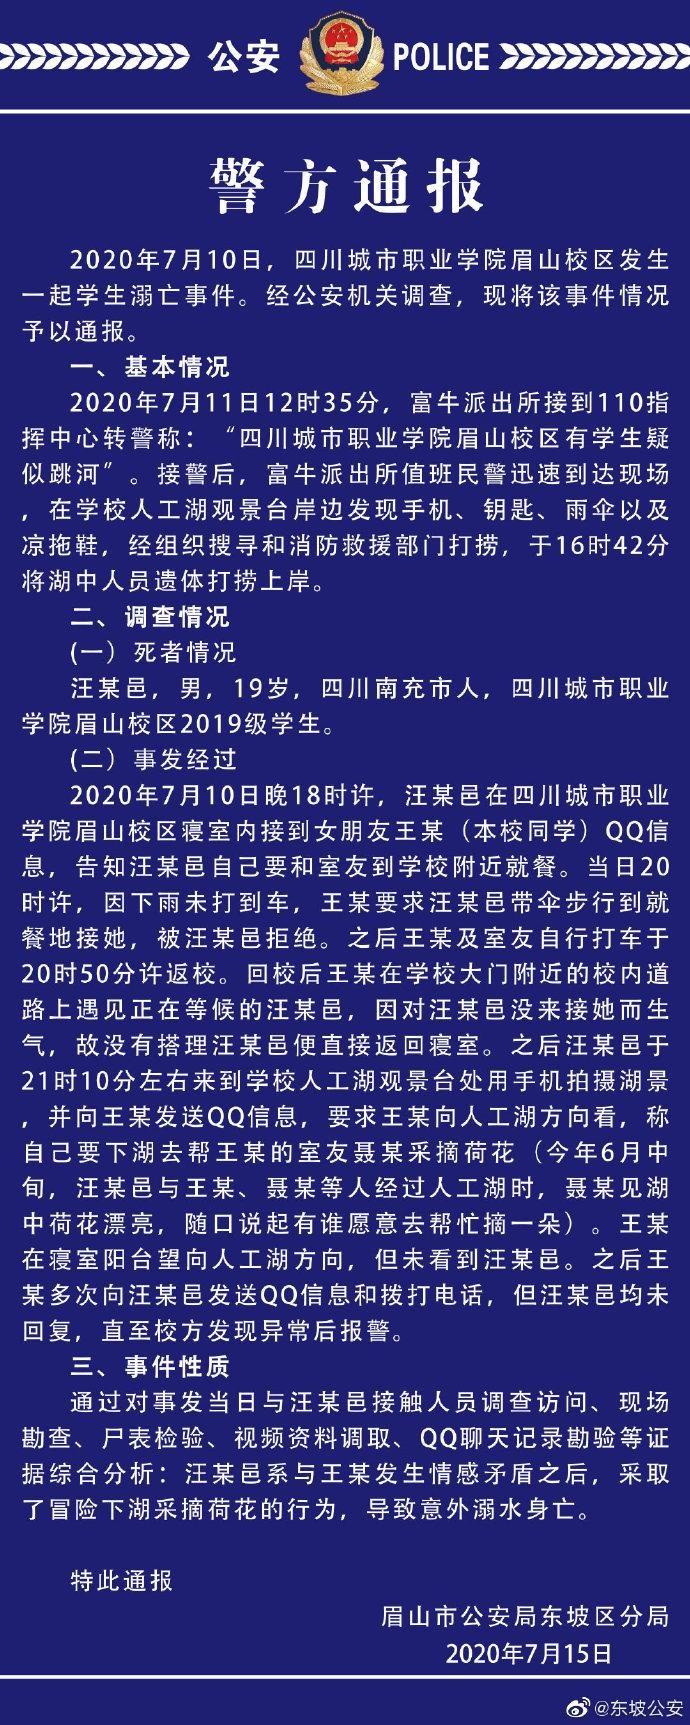 【程雪柔公交车排名点击软件】_四川大学生溺亡,警方通报:给女朋友室友摘荷花意外溺水